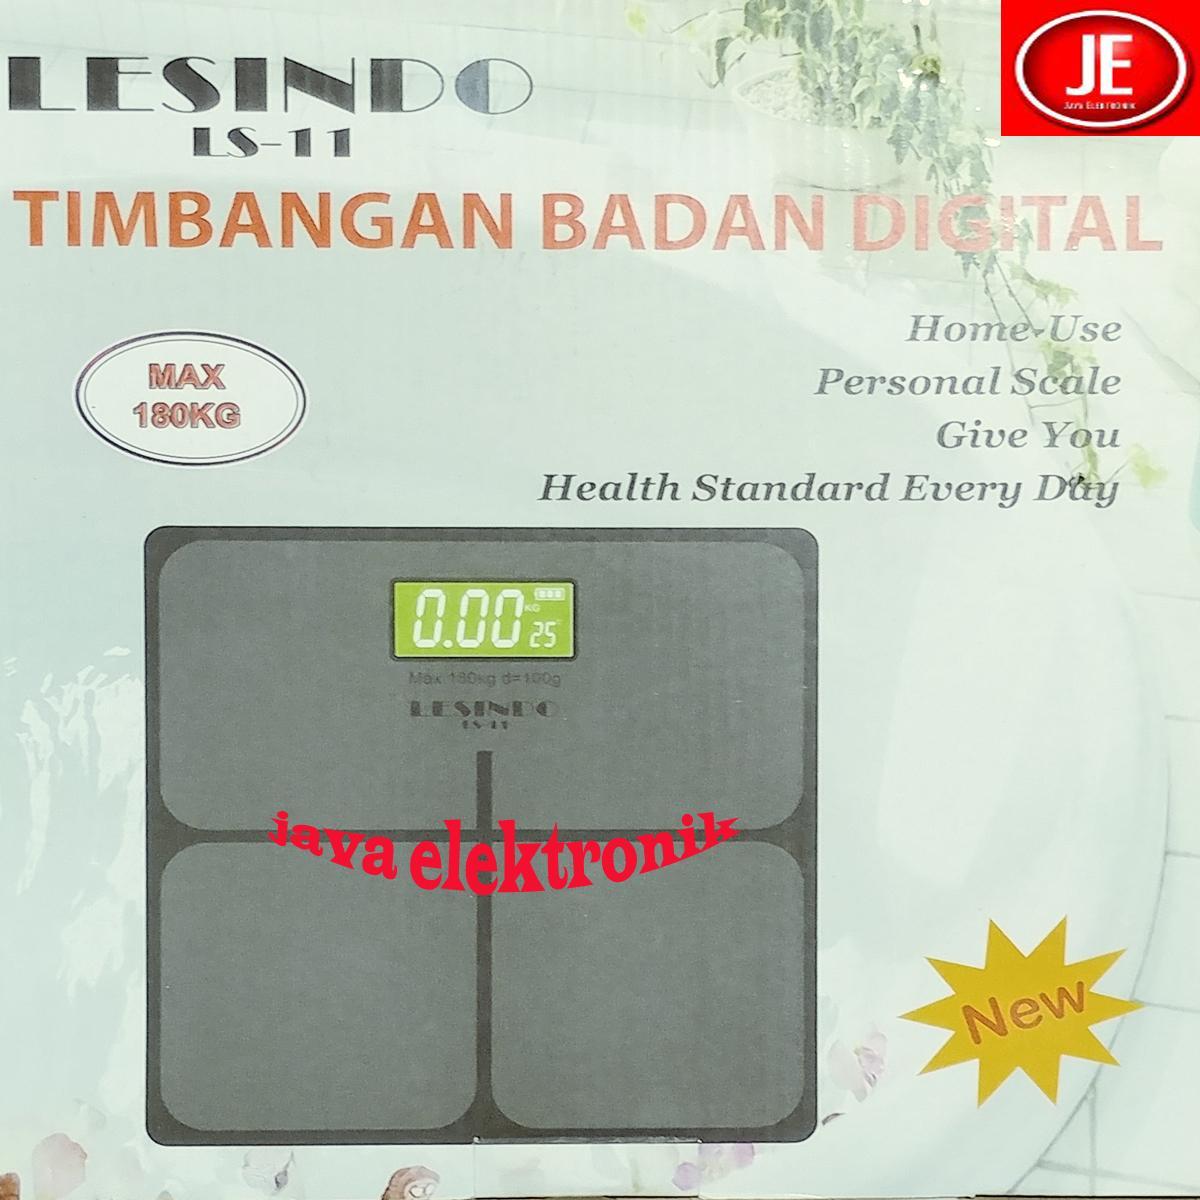 Romusha Timbangan Badan Digital Personal Scale Max 180kg Daftar Diameter Jumbo 33cm Lesindo Hitam Garansi Resmi